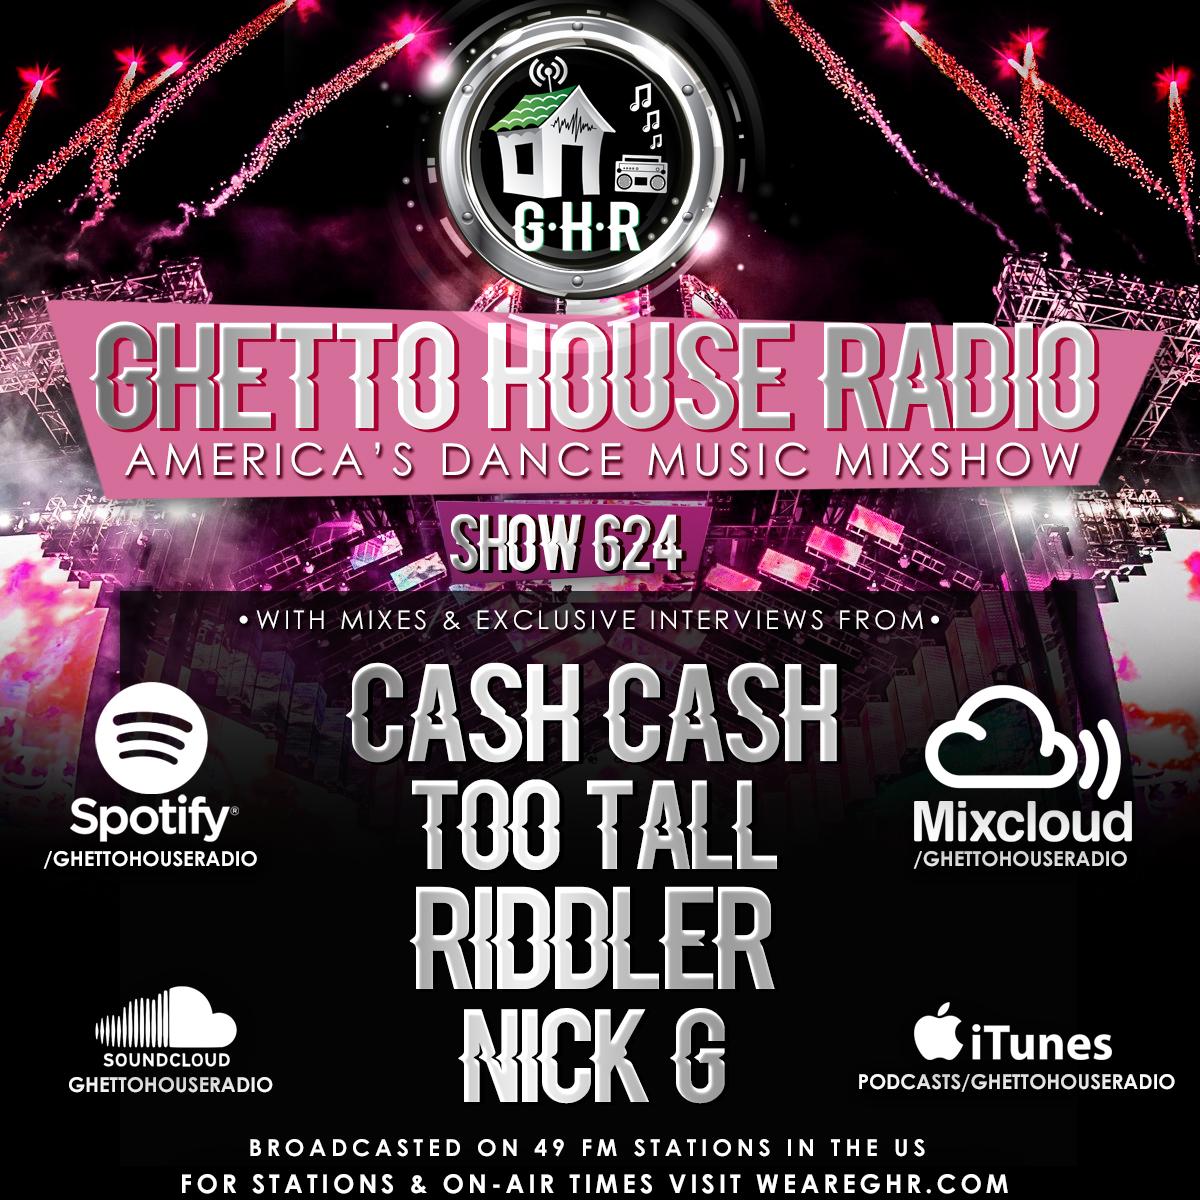 GHR - Show 624 - Cash Cash & More!